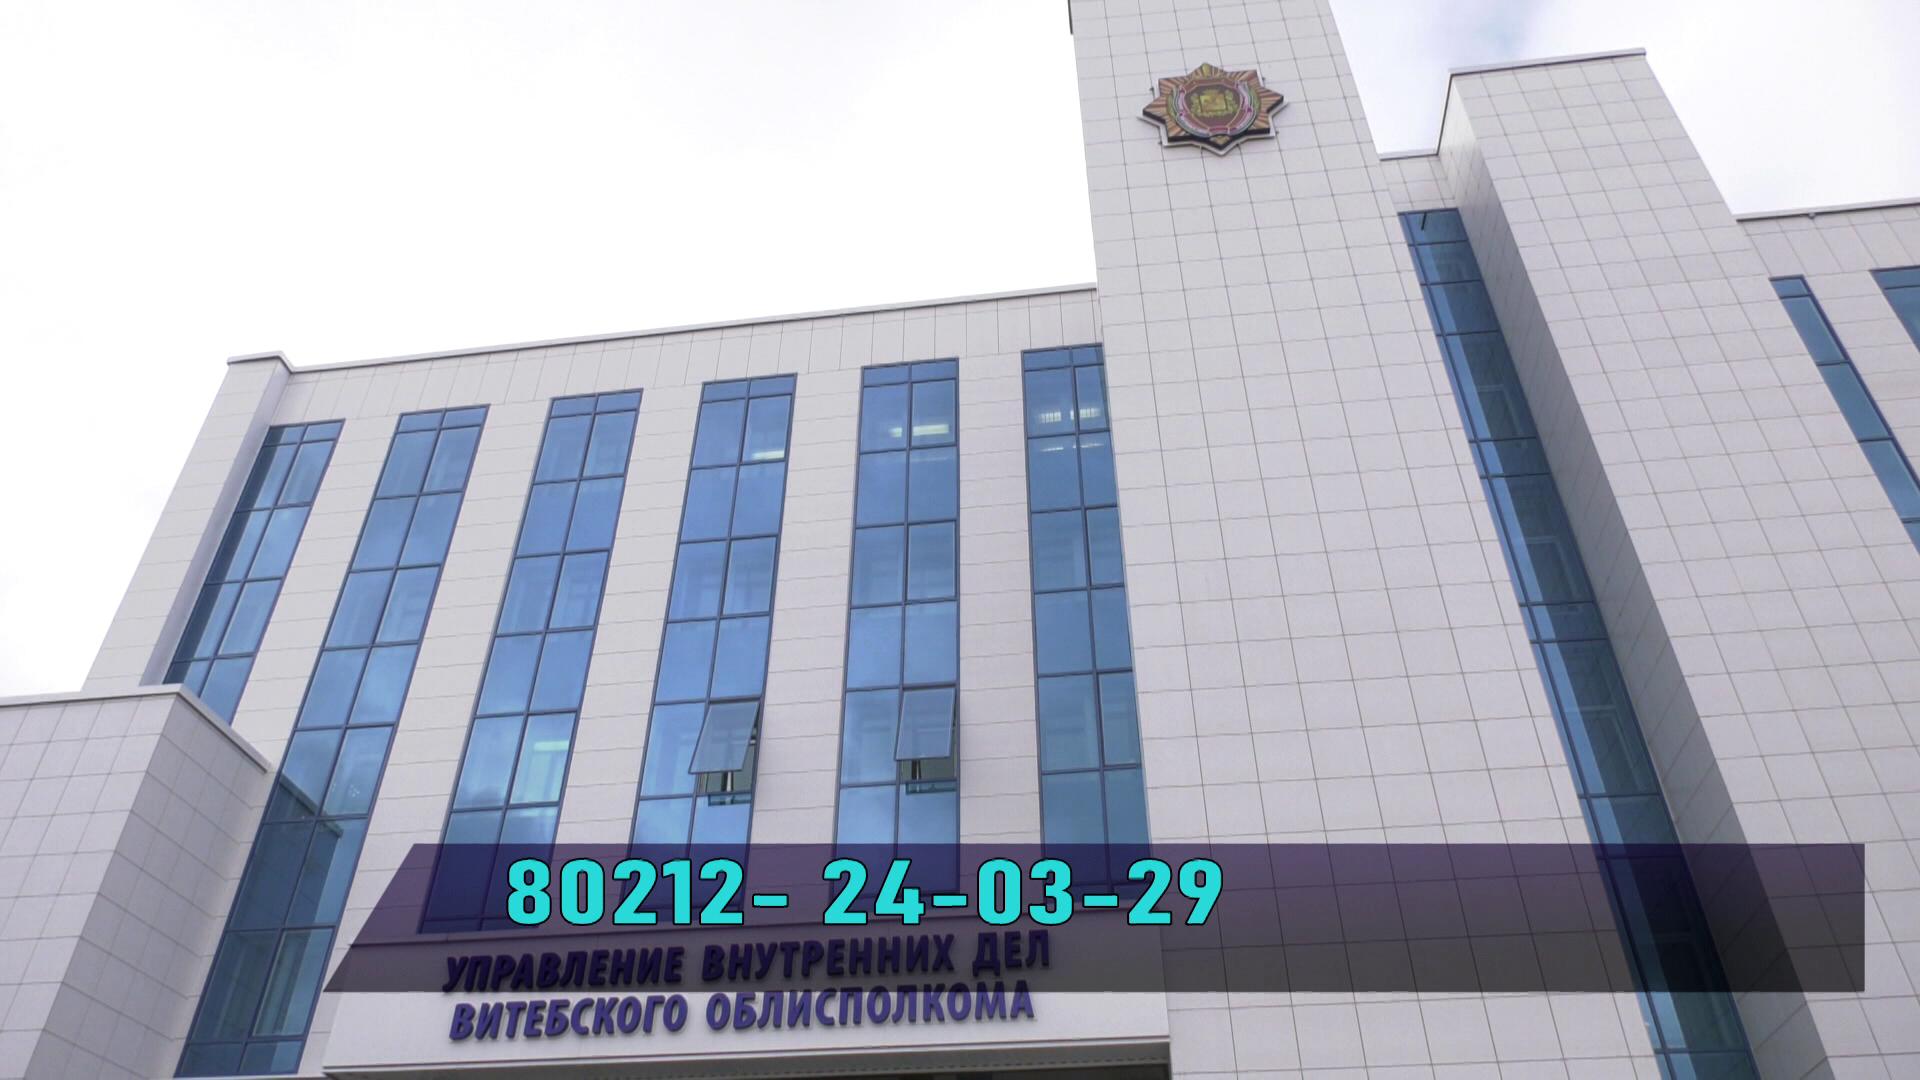 uvd - В Витебске открыта горячая линия УВД (видео)